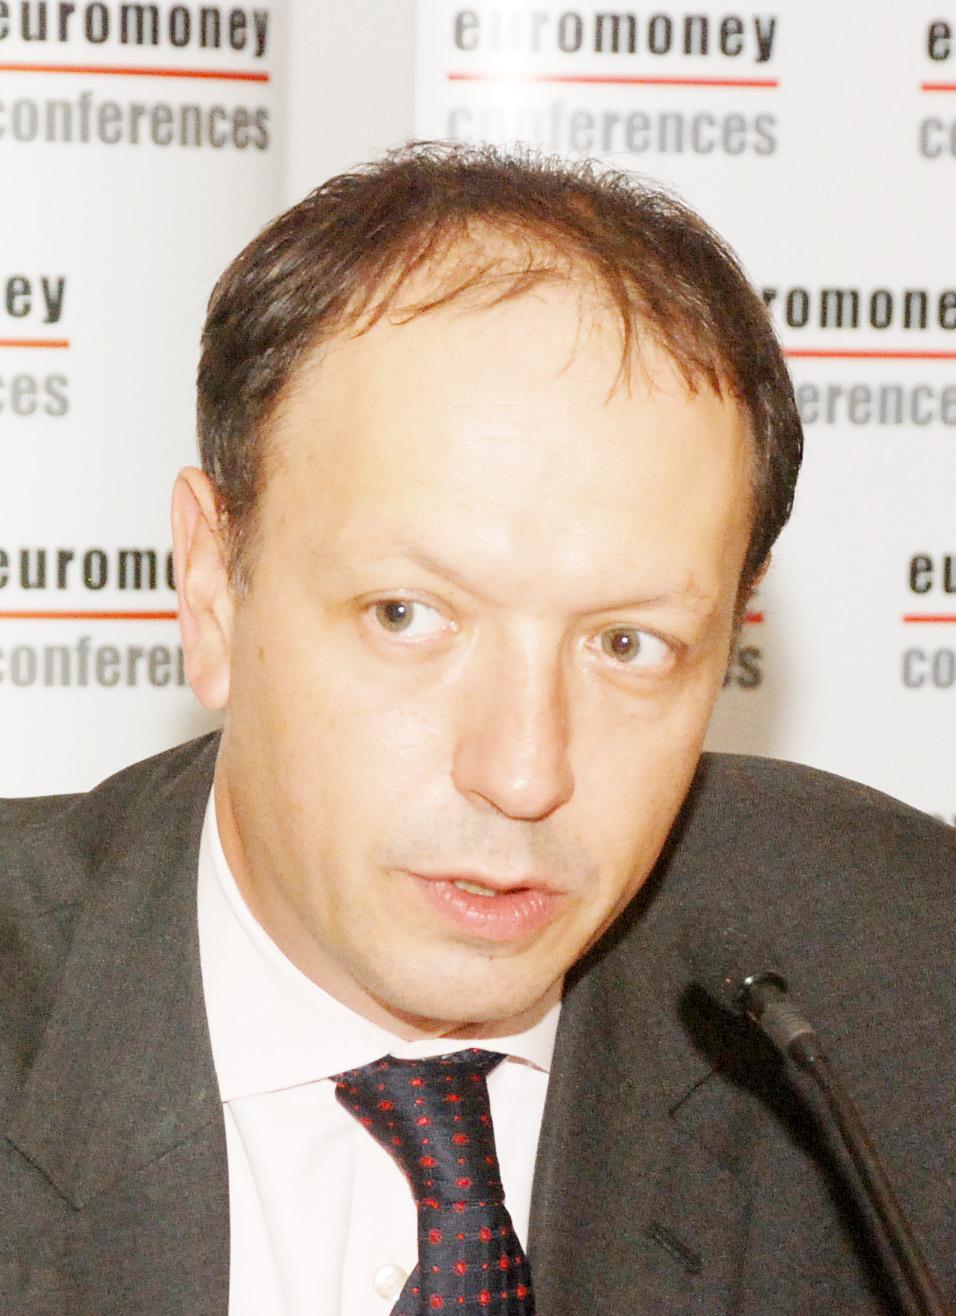 Richard Banks , Director for MENA/Emerging Markets, Euromoney Conferences